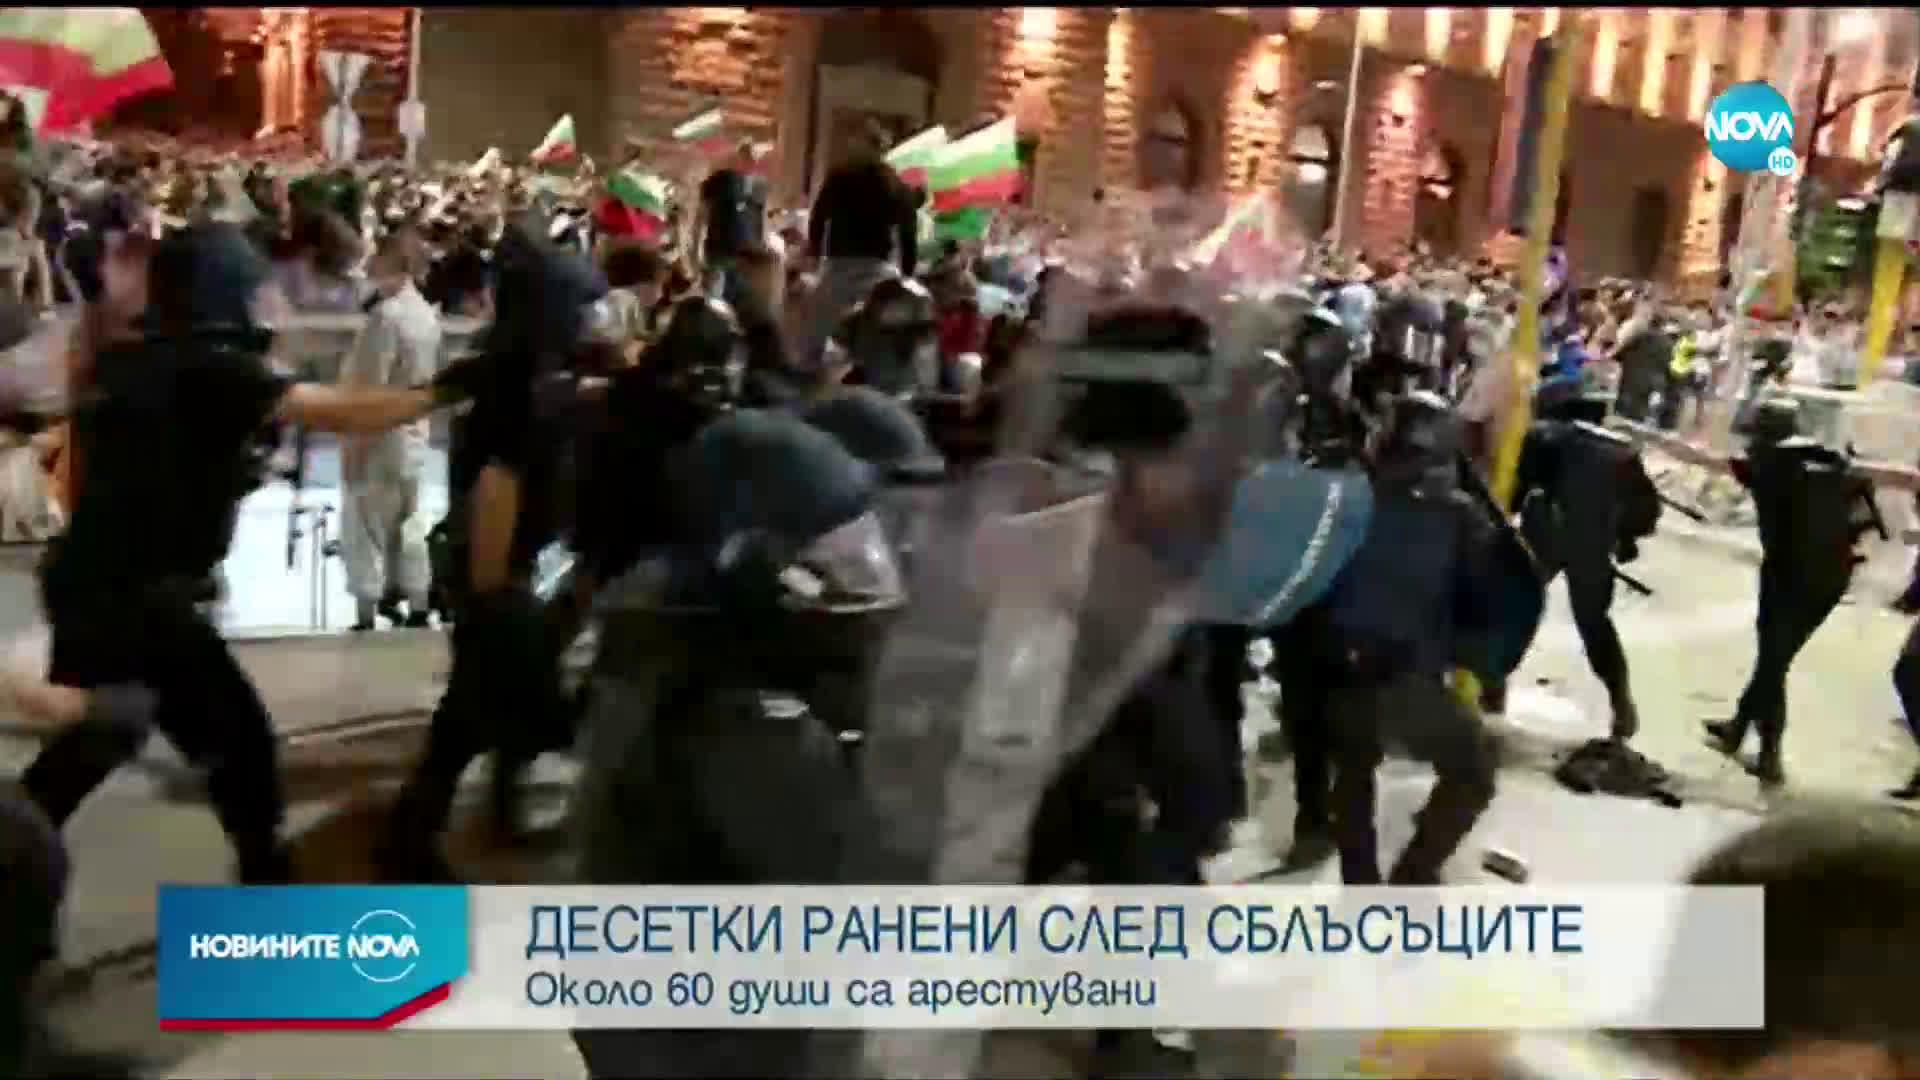 НОЩ НА СБЛЪСЪЦИ В СОФИЯ: Десетки ранени полицаи и протестиращи